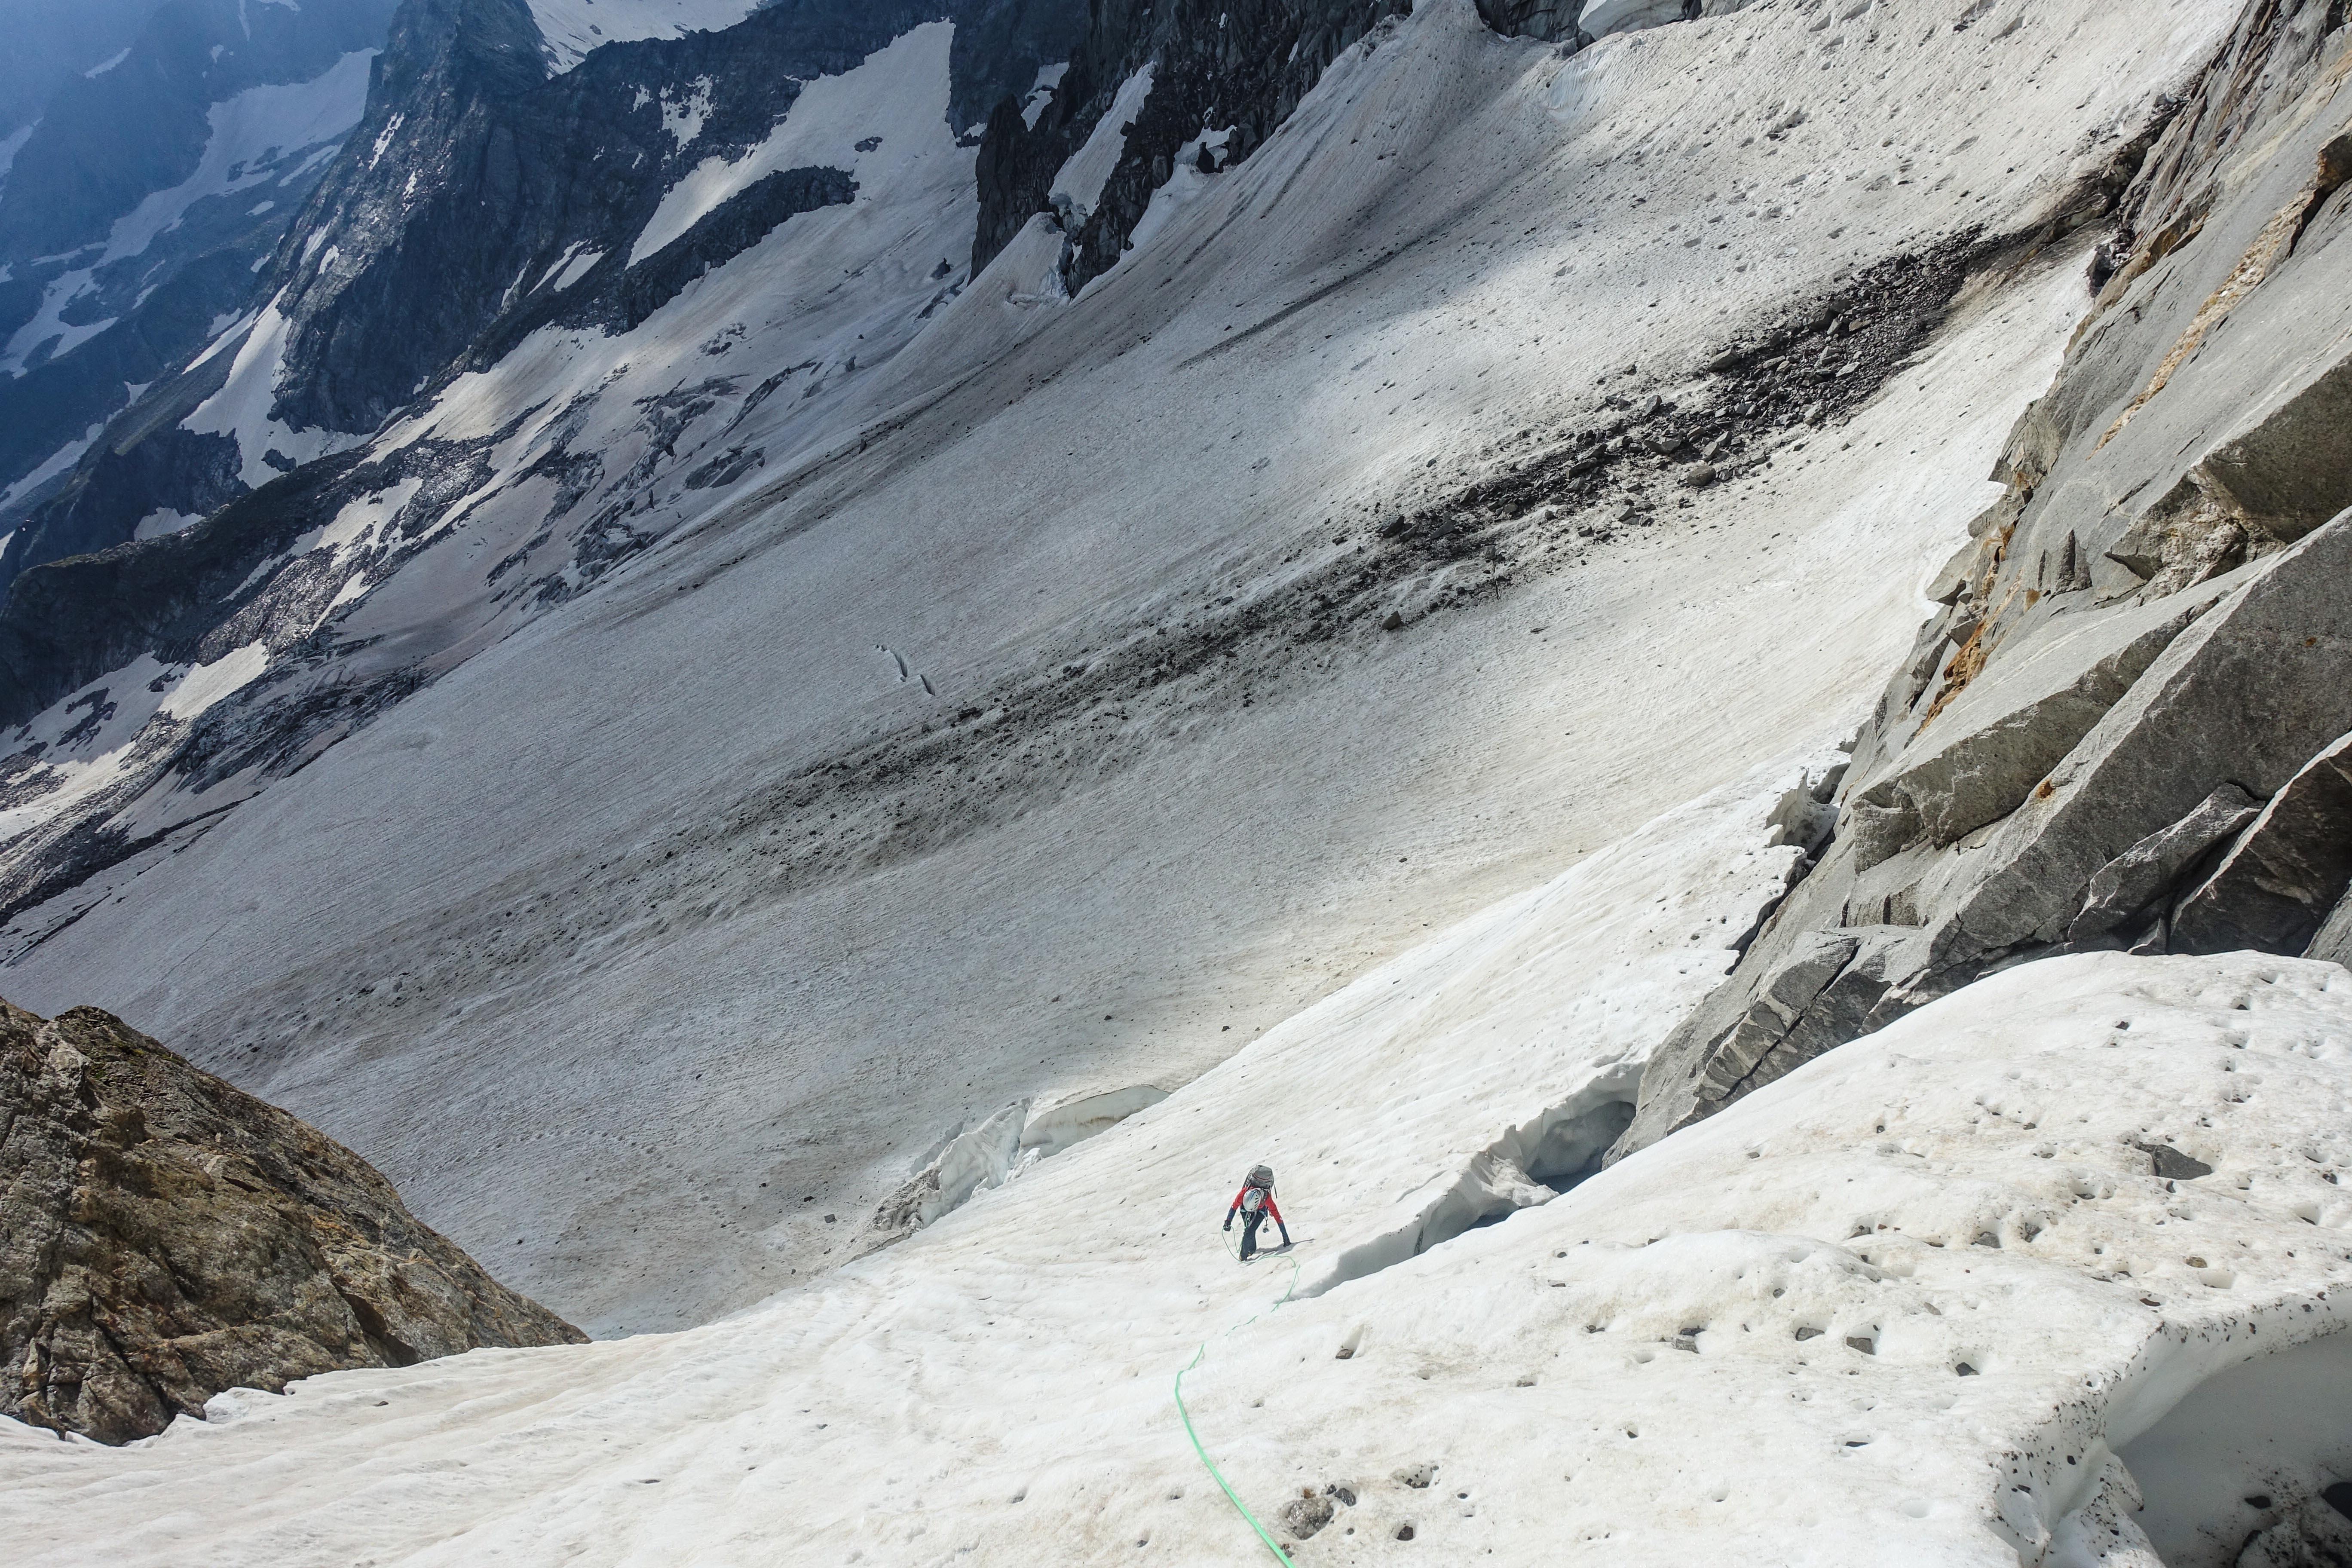 Zillertal Klettern, Klettern Zillertal, Berge Zillertal, Zillertal Wandern, Wander Bergfüher